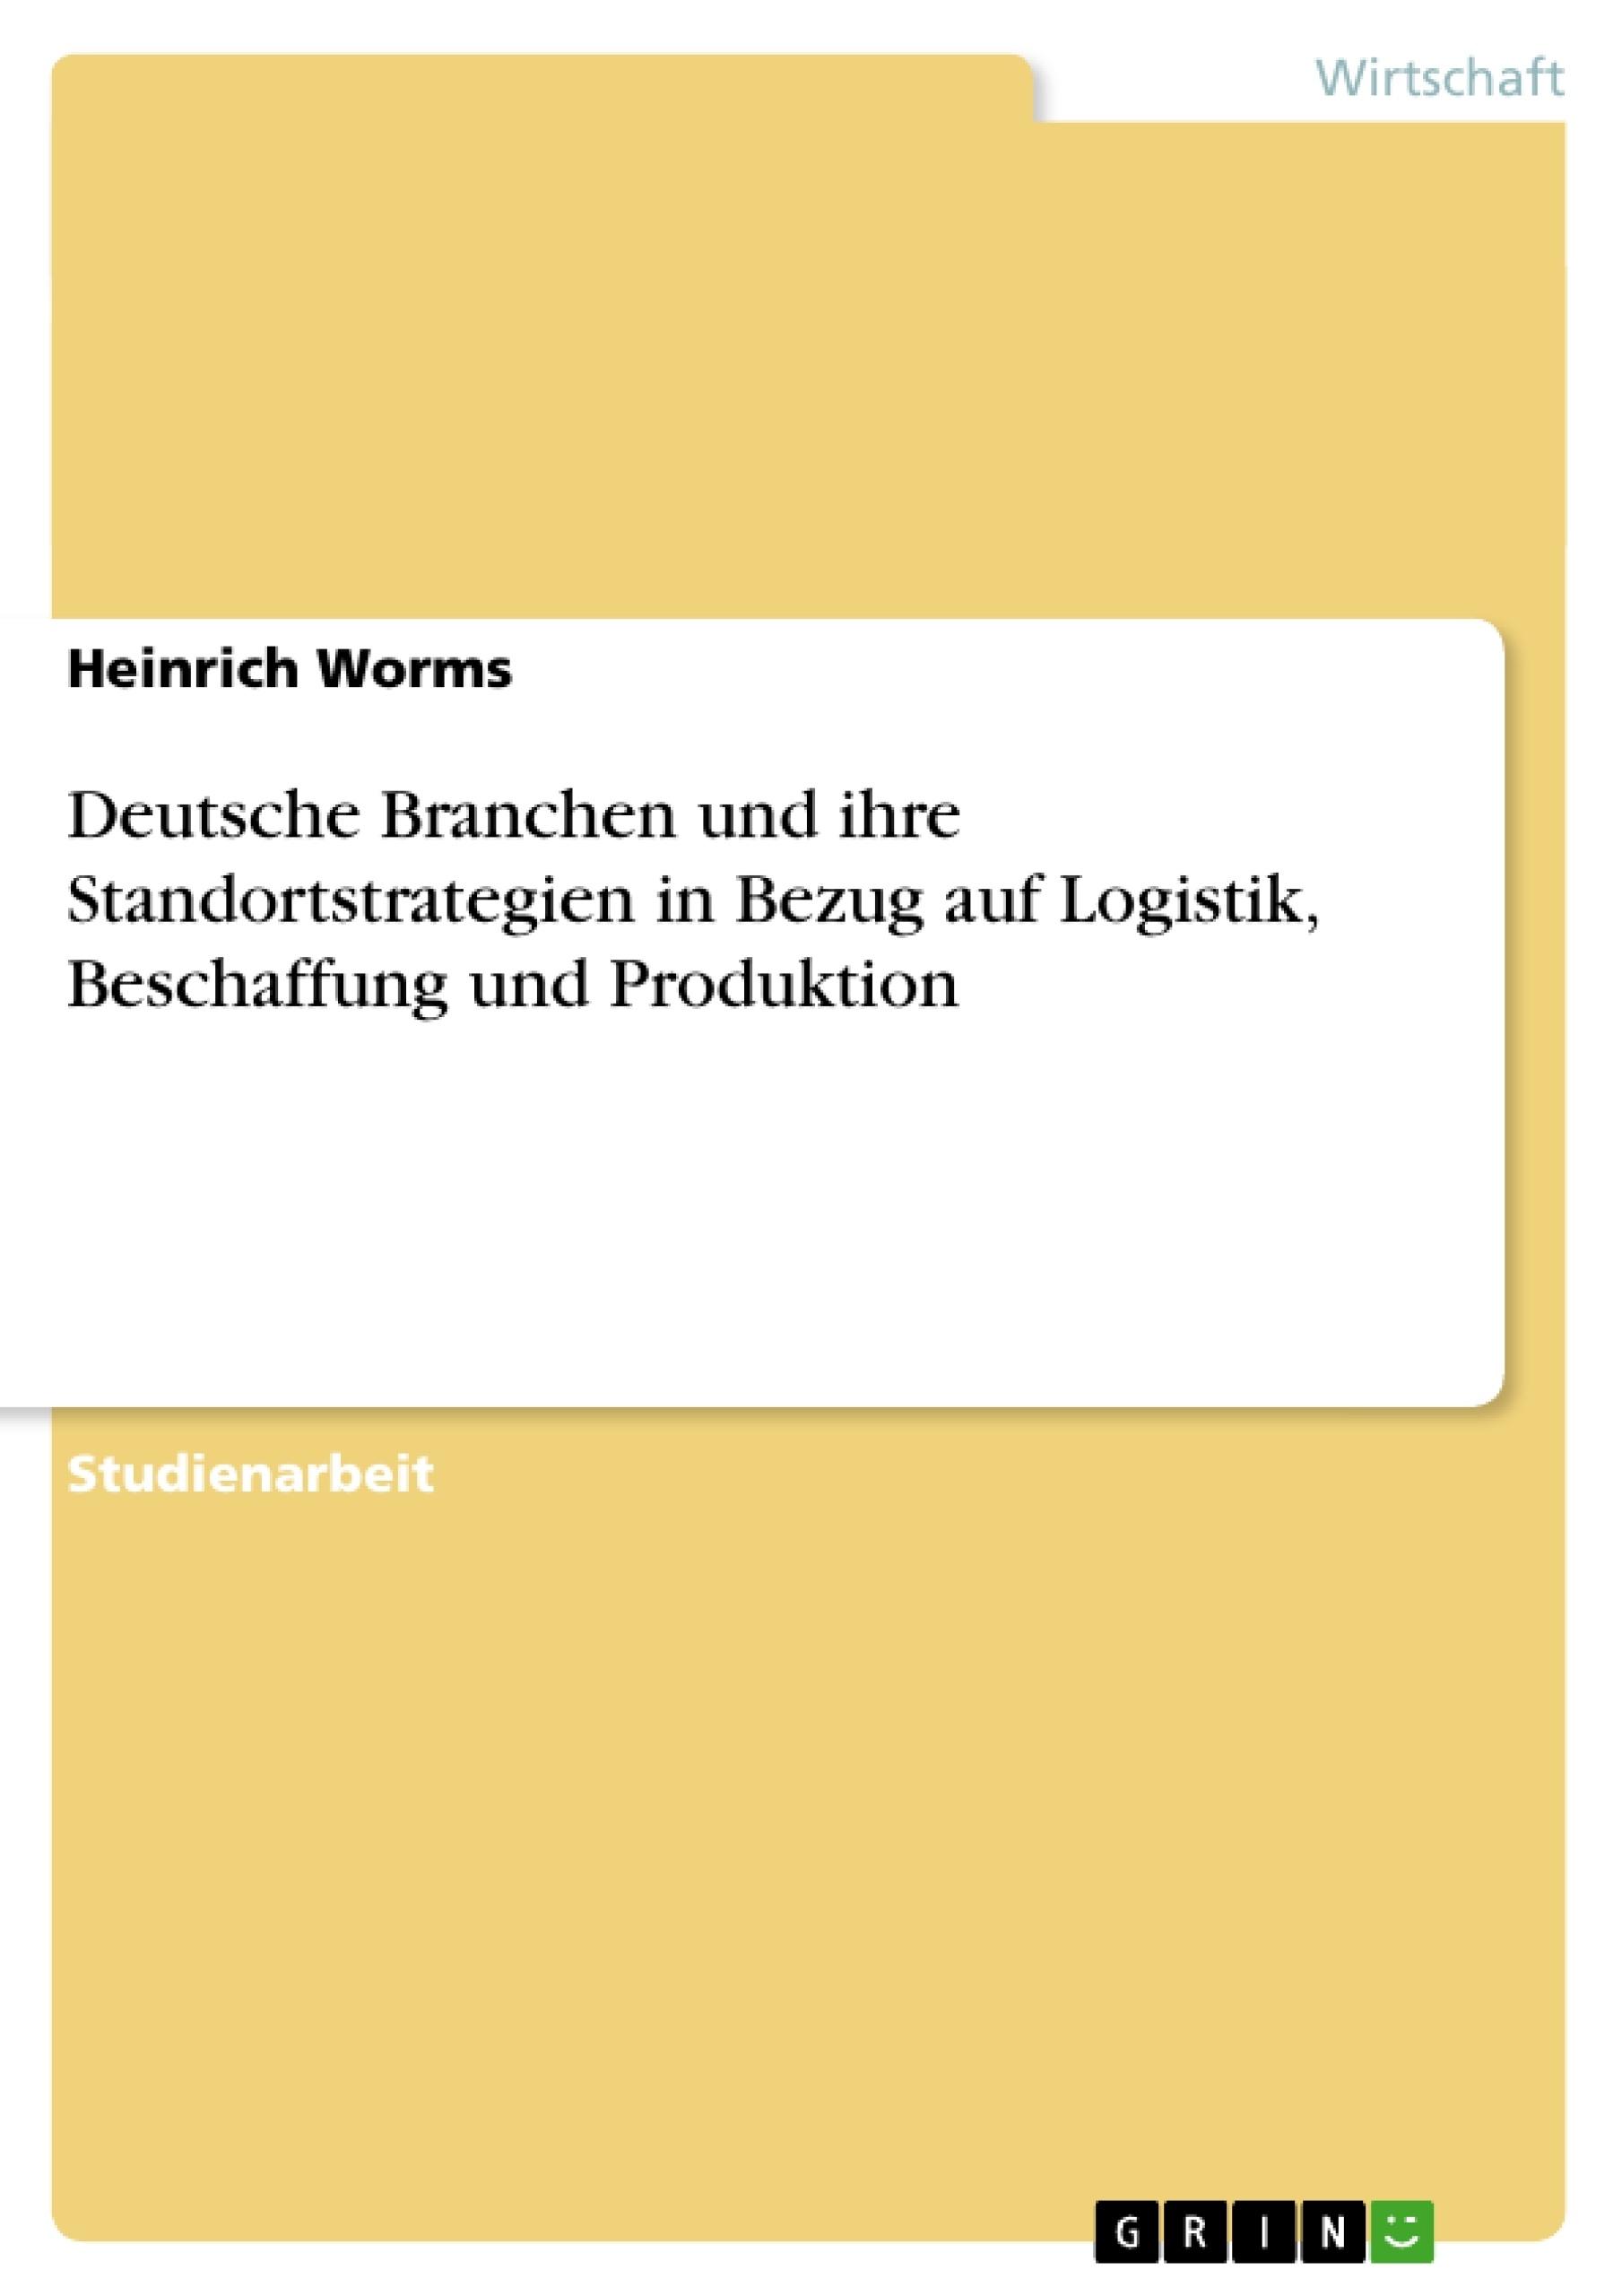 Titel: Deutsche Branchen und ihre Standortstrategien in Bezug auf Logistik, Beschaffung und Produktion